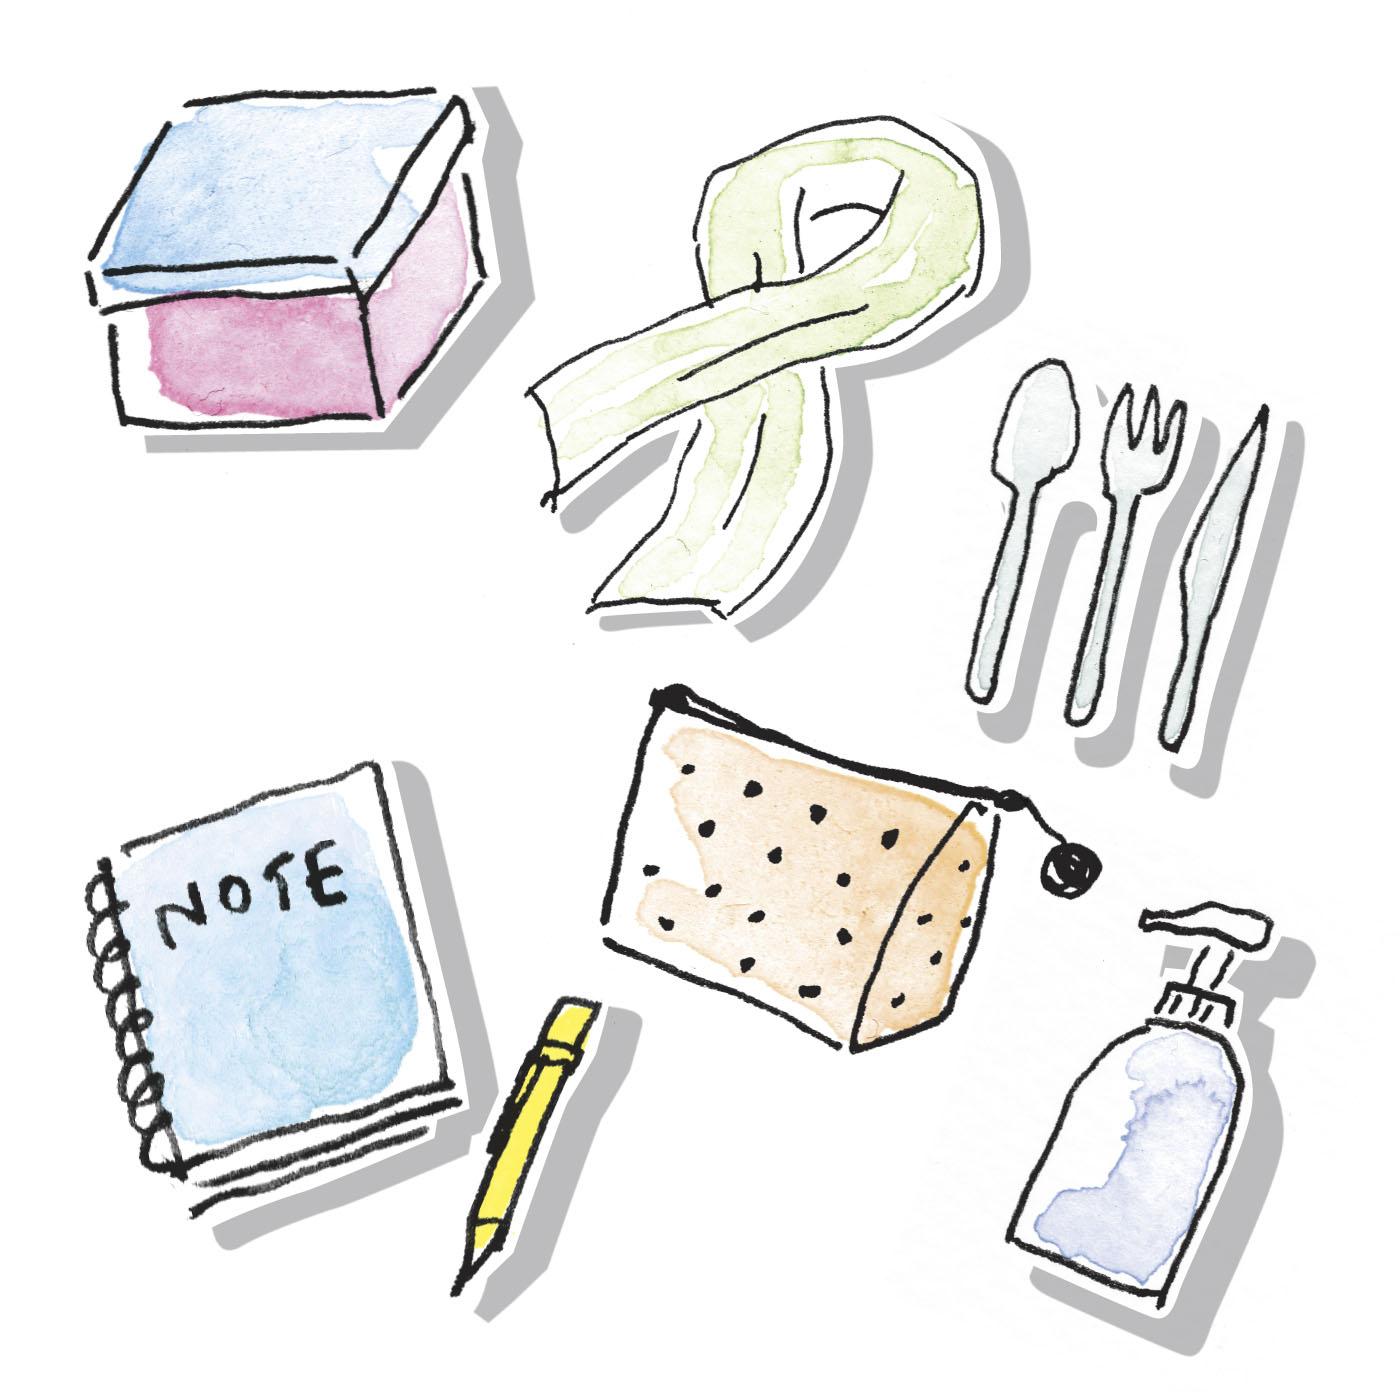 ステーショナリーやキッチン小物など、何が届くかはお楽しみに!